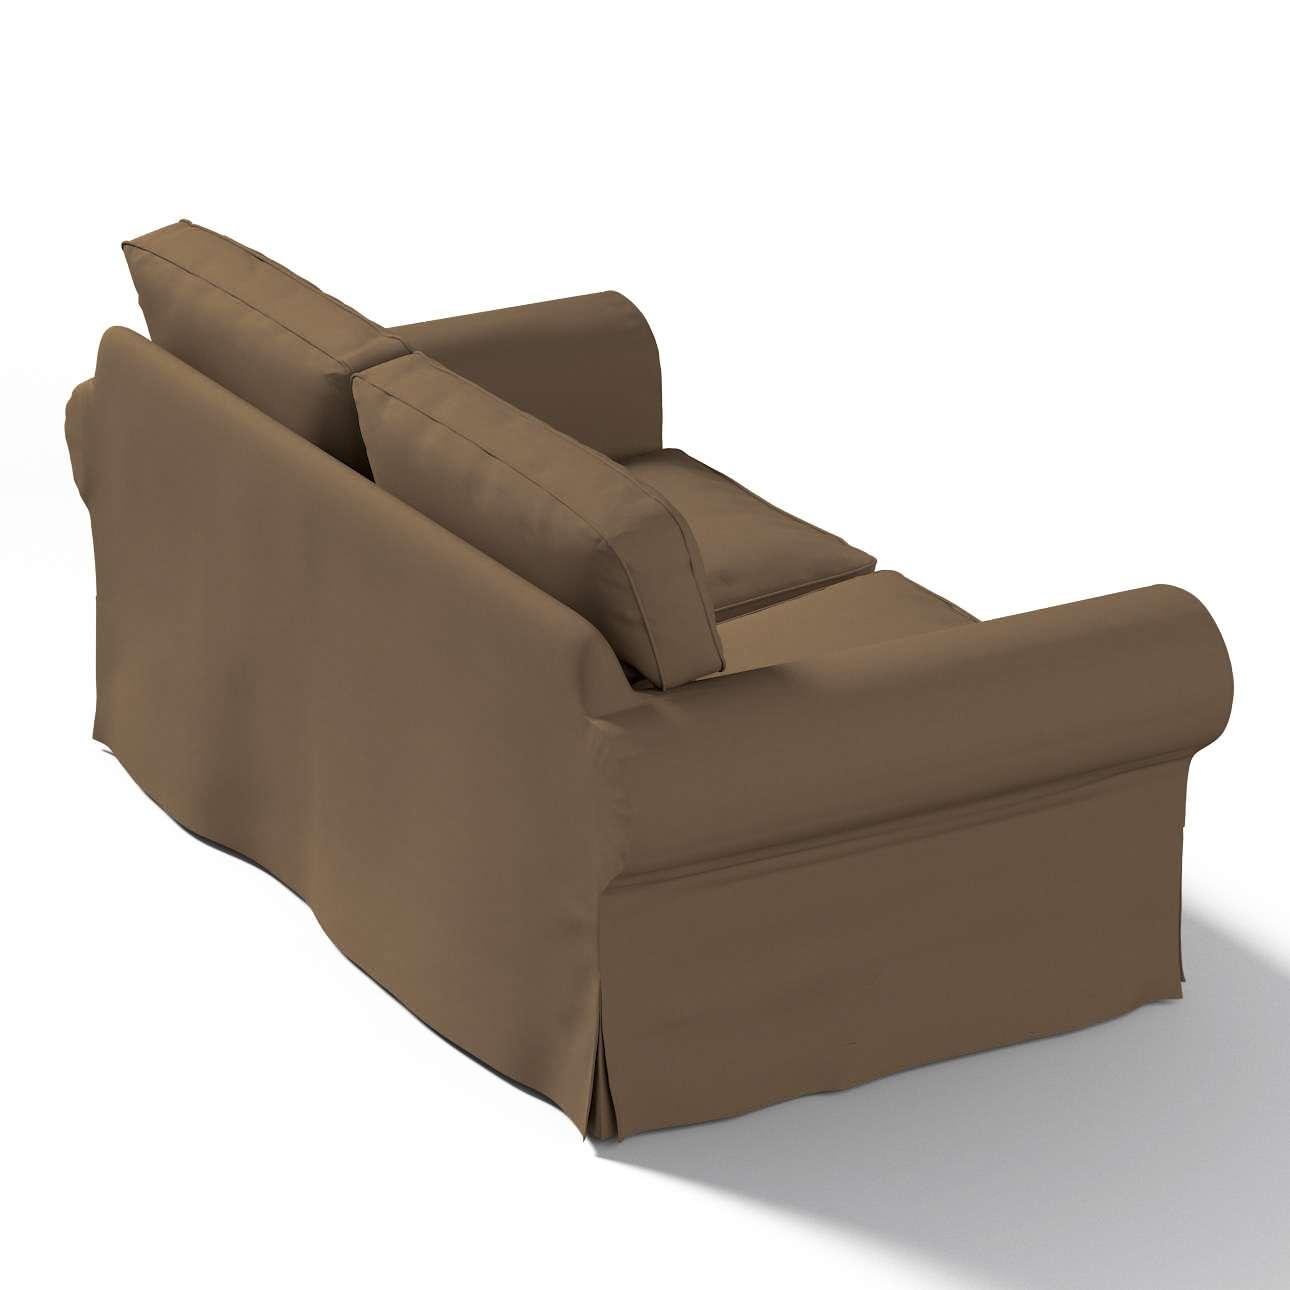 Potah na pohovku IKEA  Ektorp 2-místná, nerozkládací pohovka Ektorp 2-místná v kolekci Cotton Panama, látka: 702-02